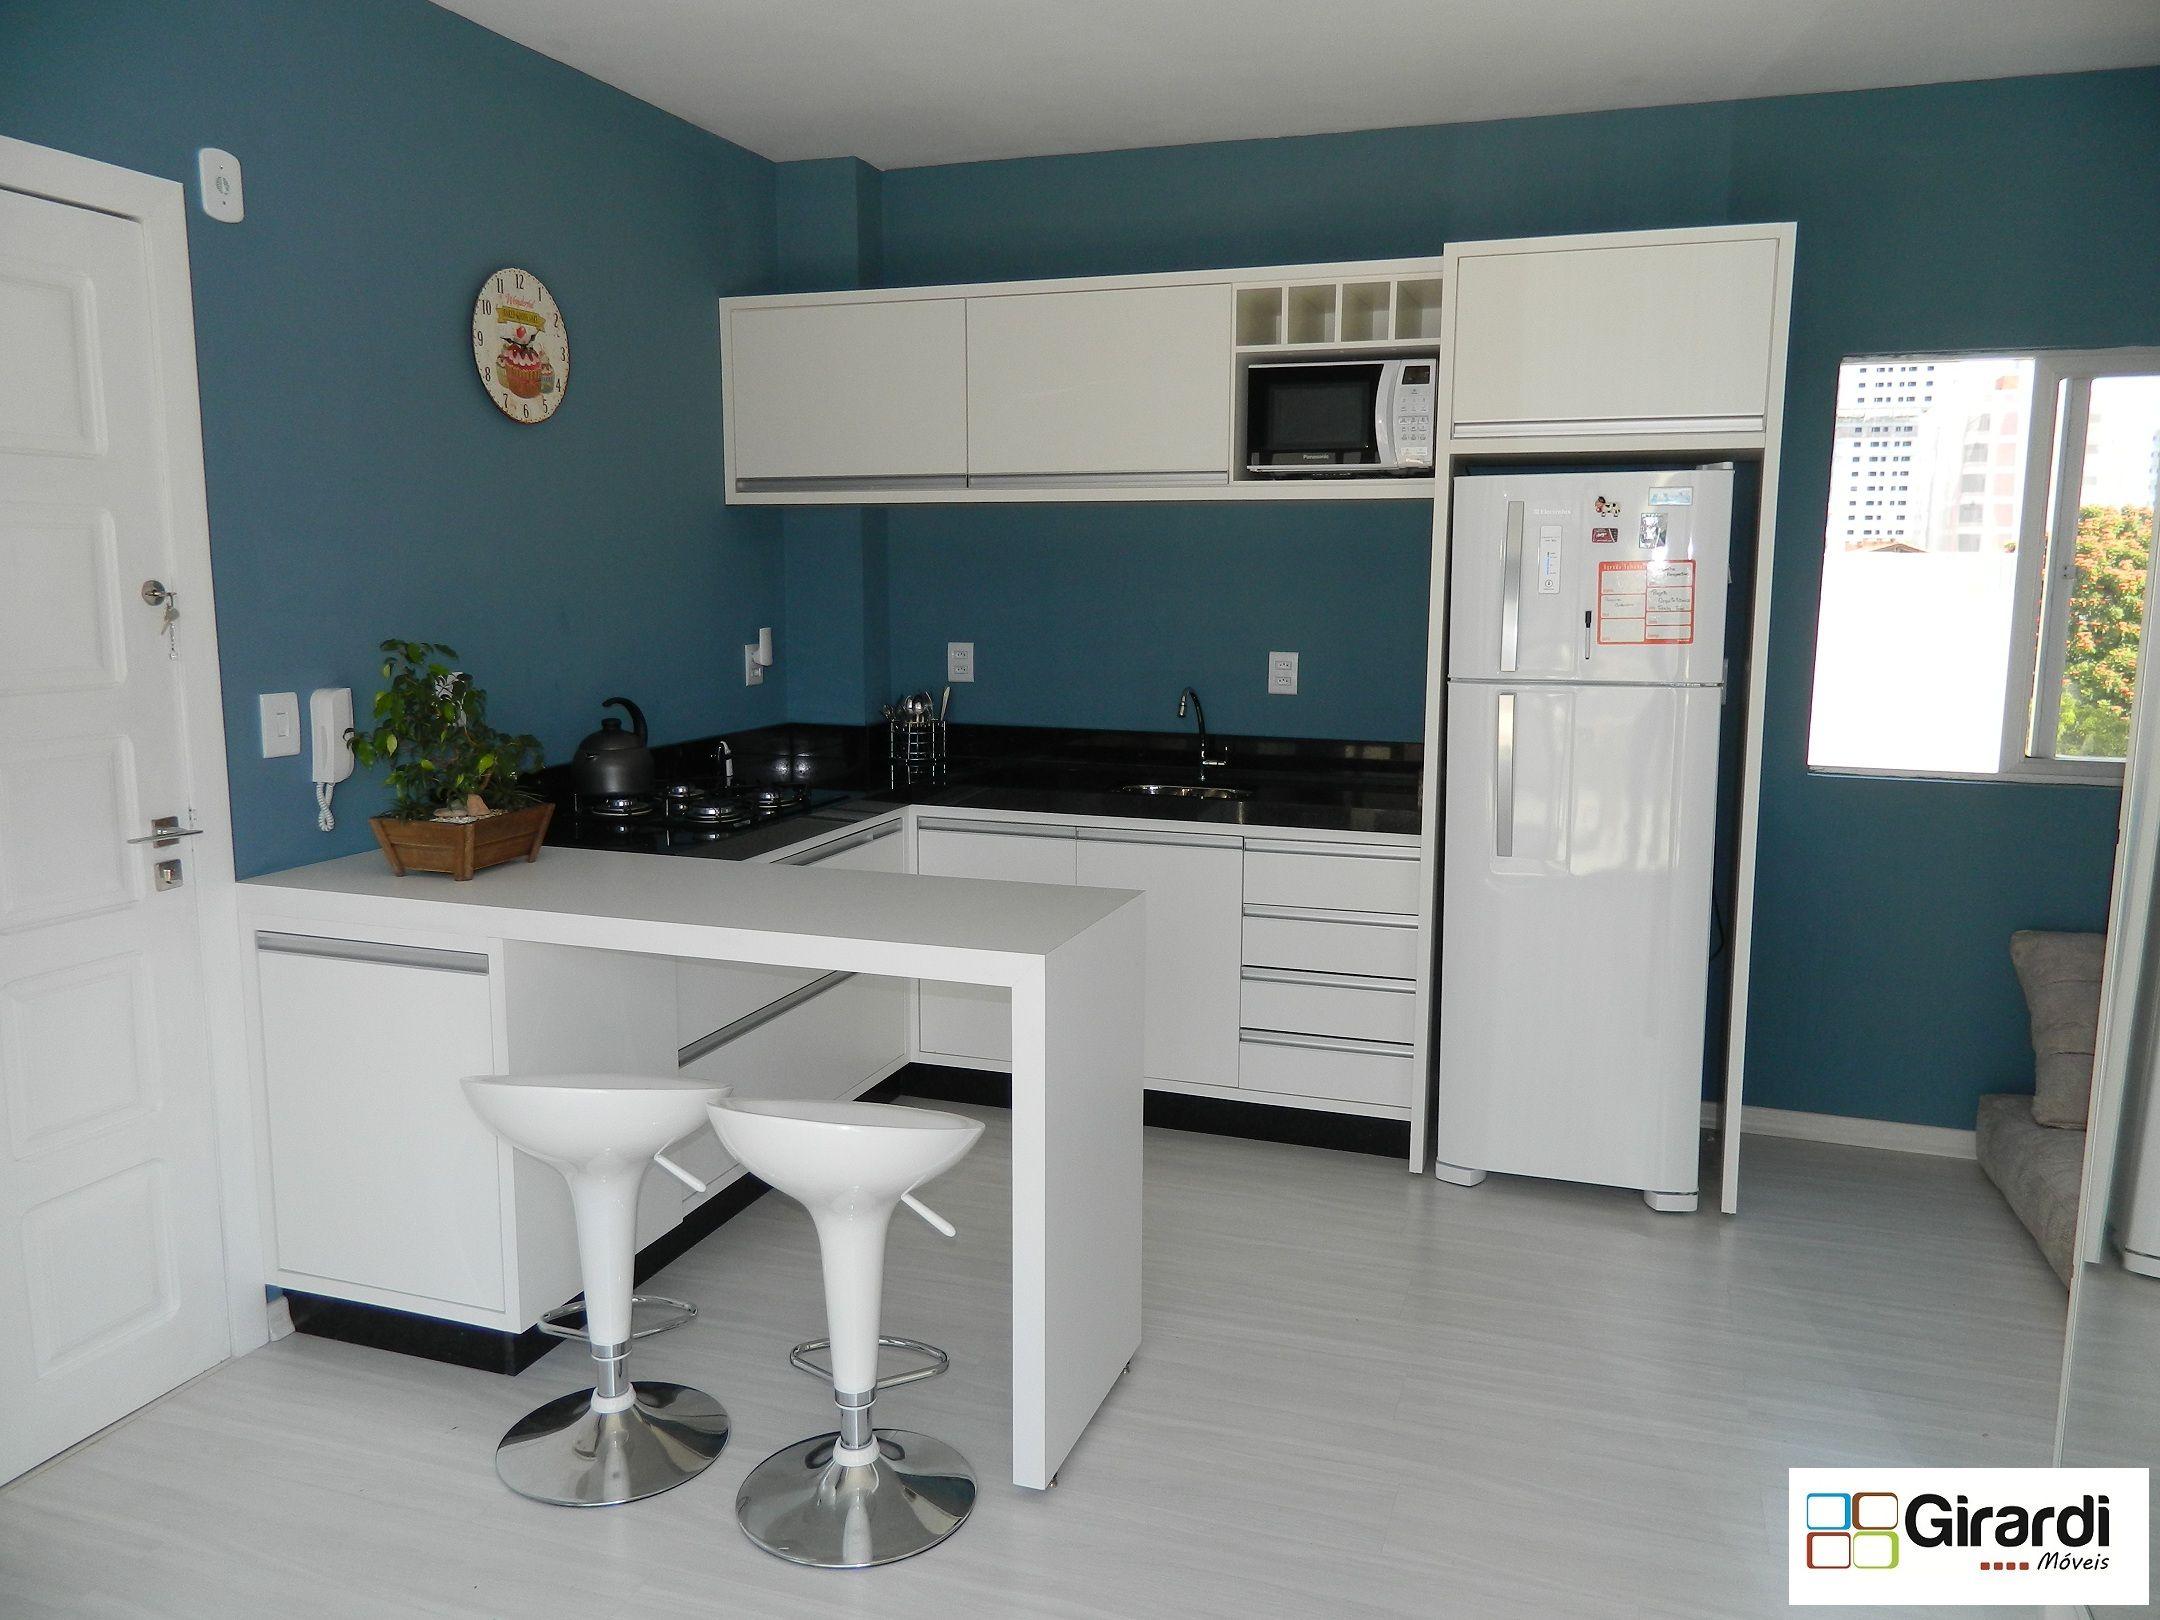 Ambiente Multifuncional Cozinha Compartilhada Com A Sala Simples E